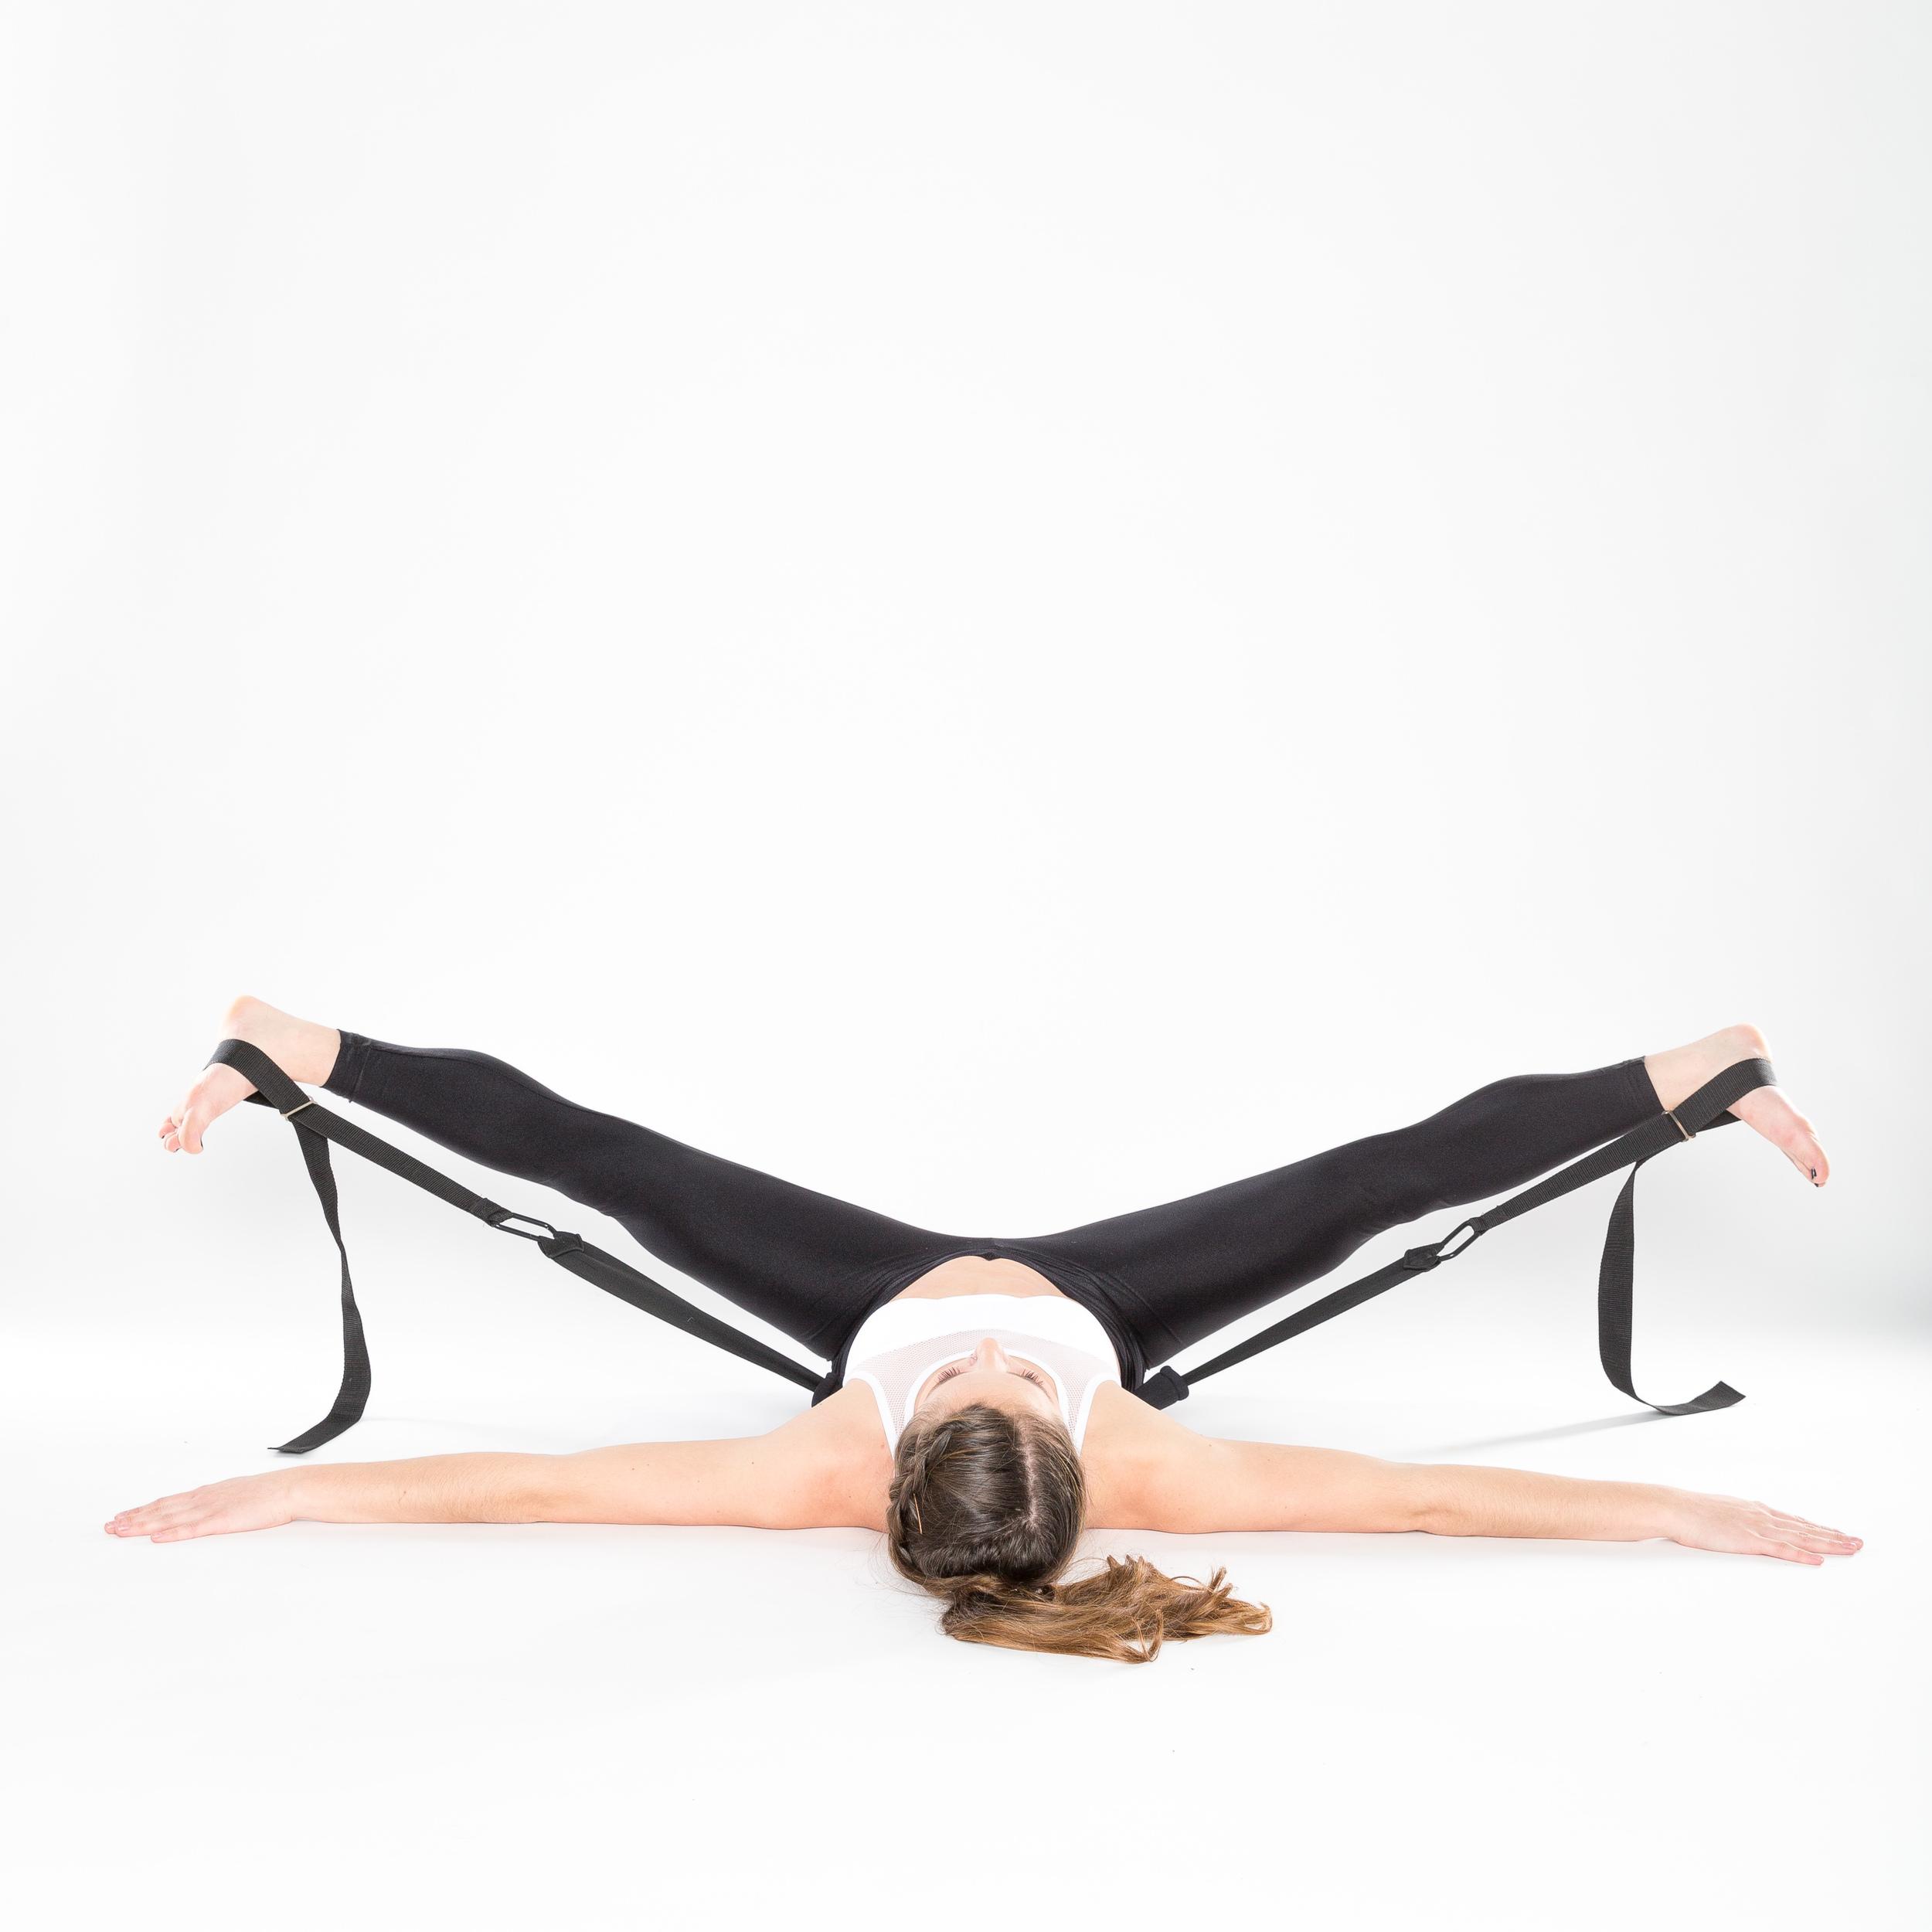 FLX_Yoga_Holtz-167.jpg